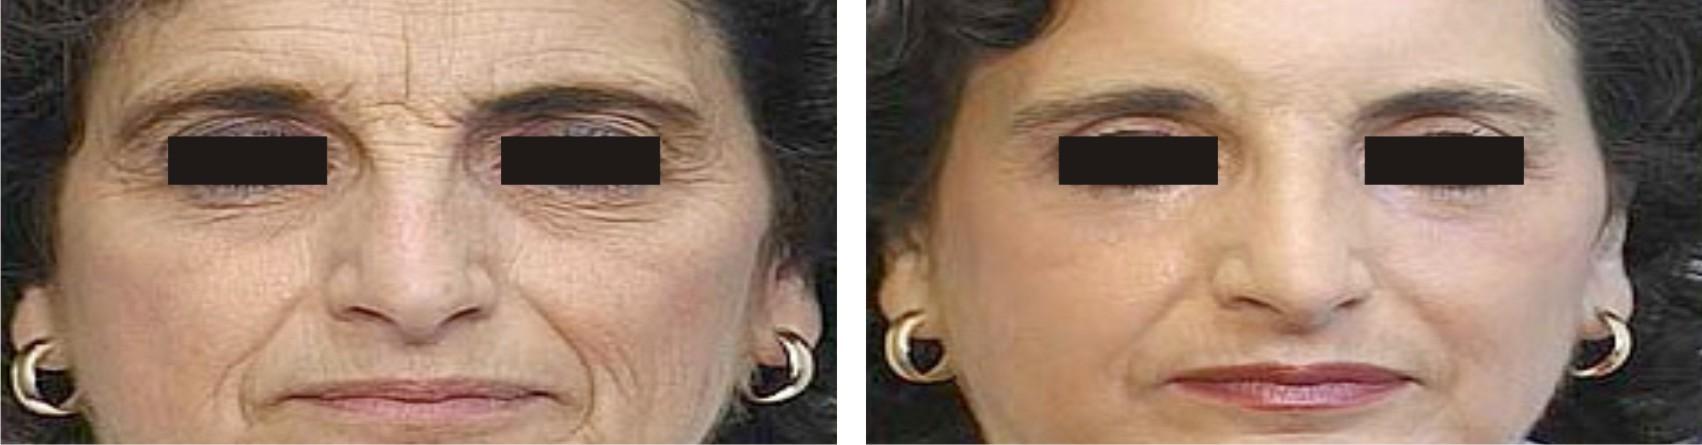 Laser Tonning Image One